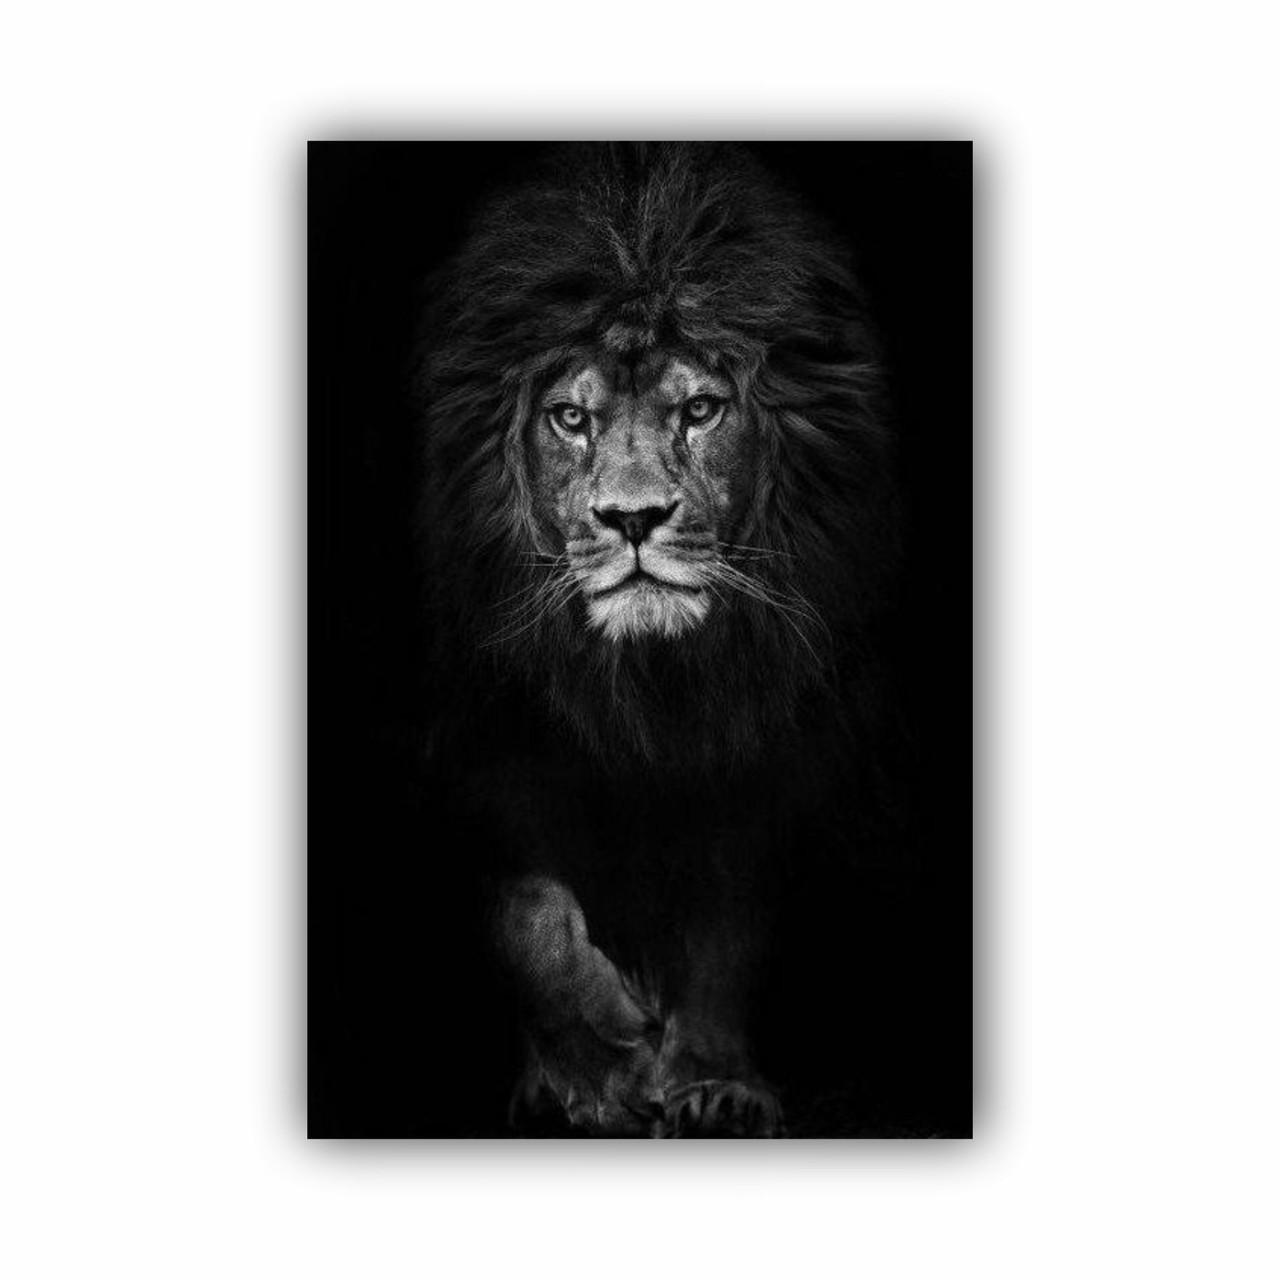 Quadro Leão Vertical Preto e Branco Coleção Savana Decor - Tela Única